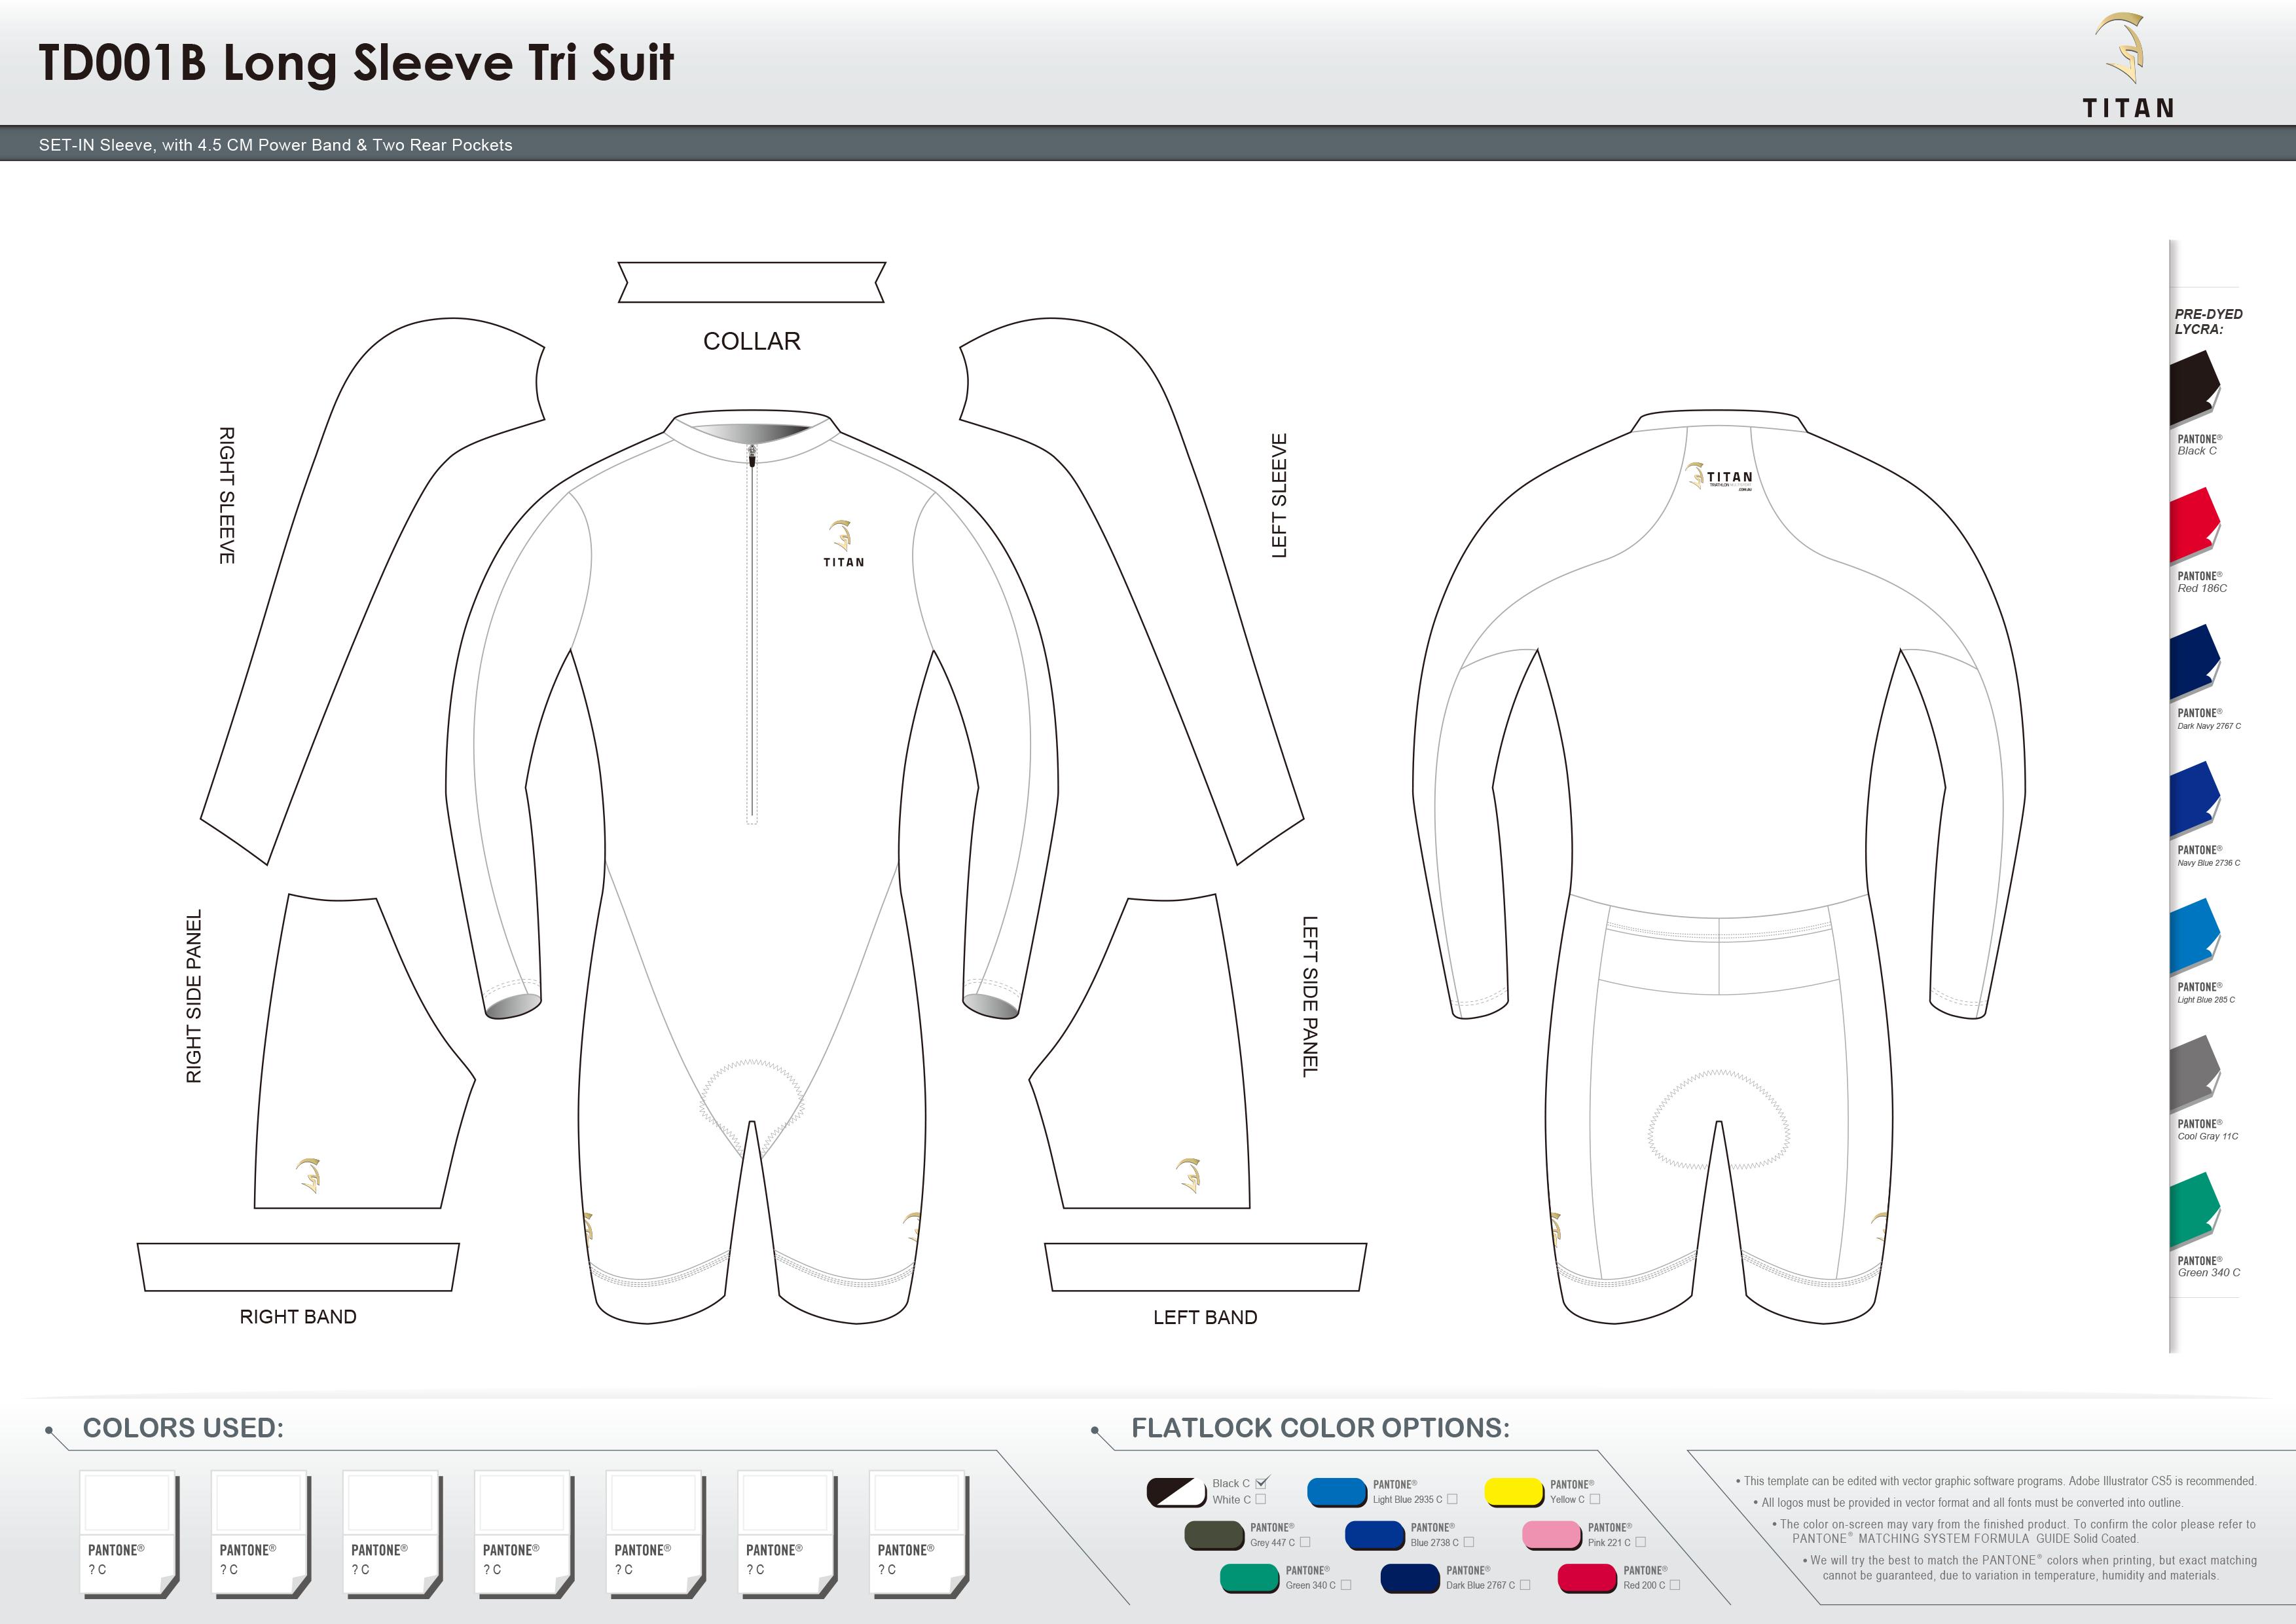 TD001B Men's Long Sleeve Tri Suit